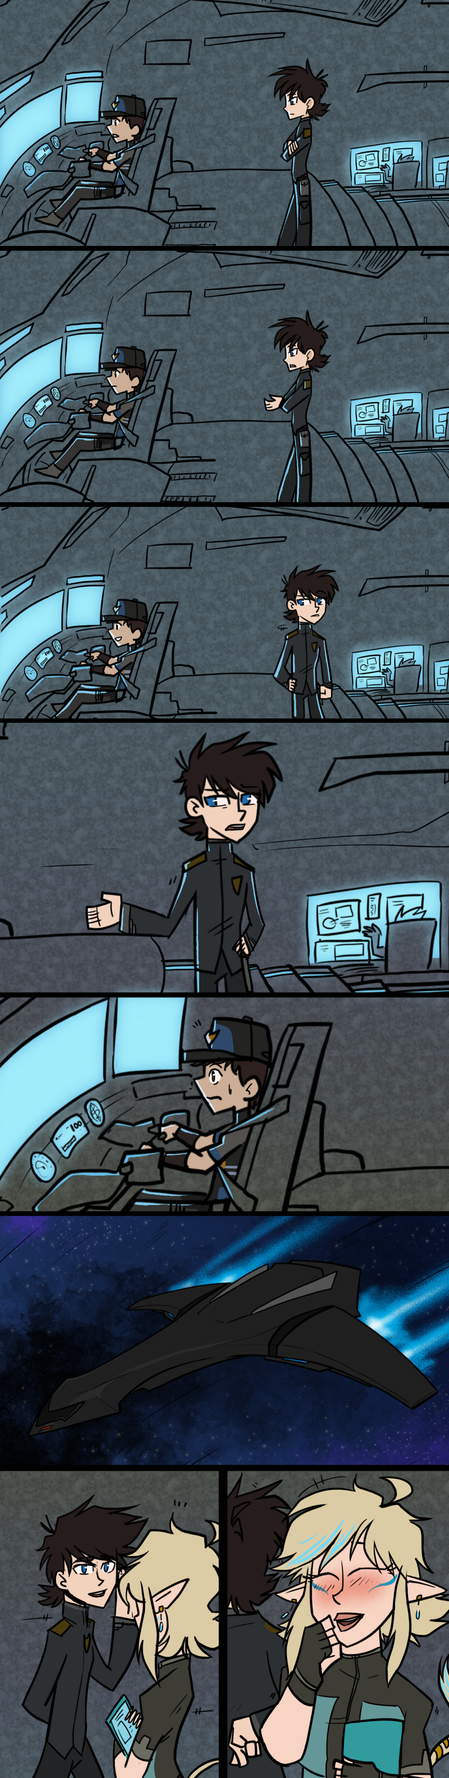 comic 01 - kr by sheinarton